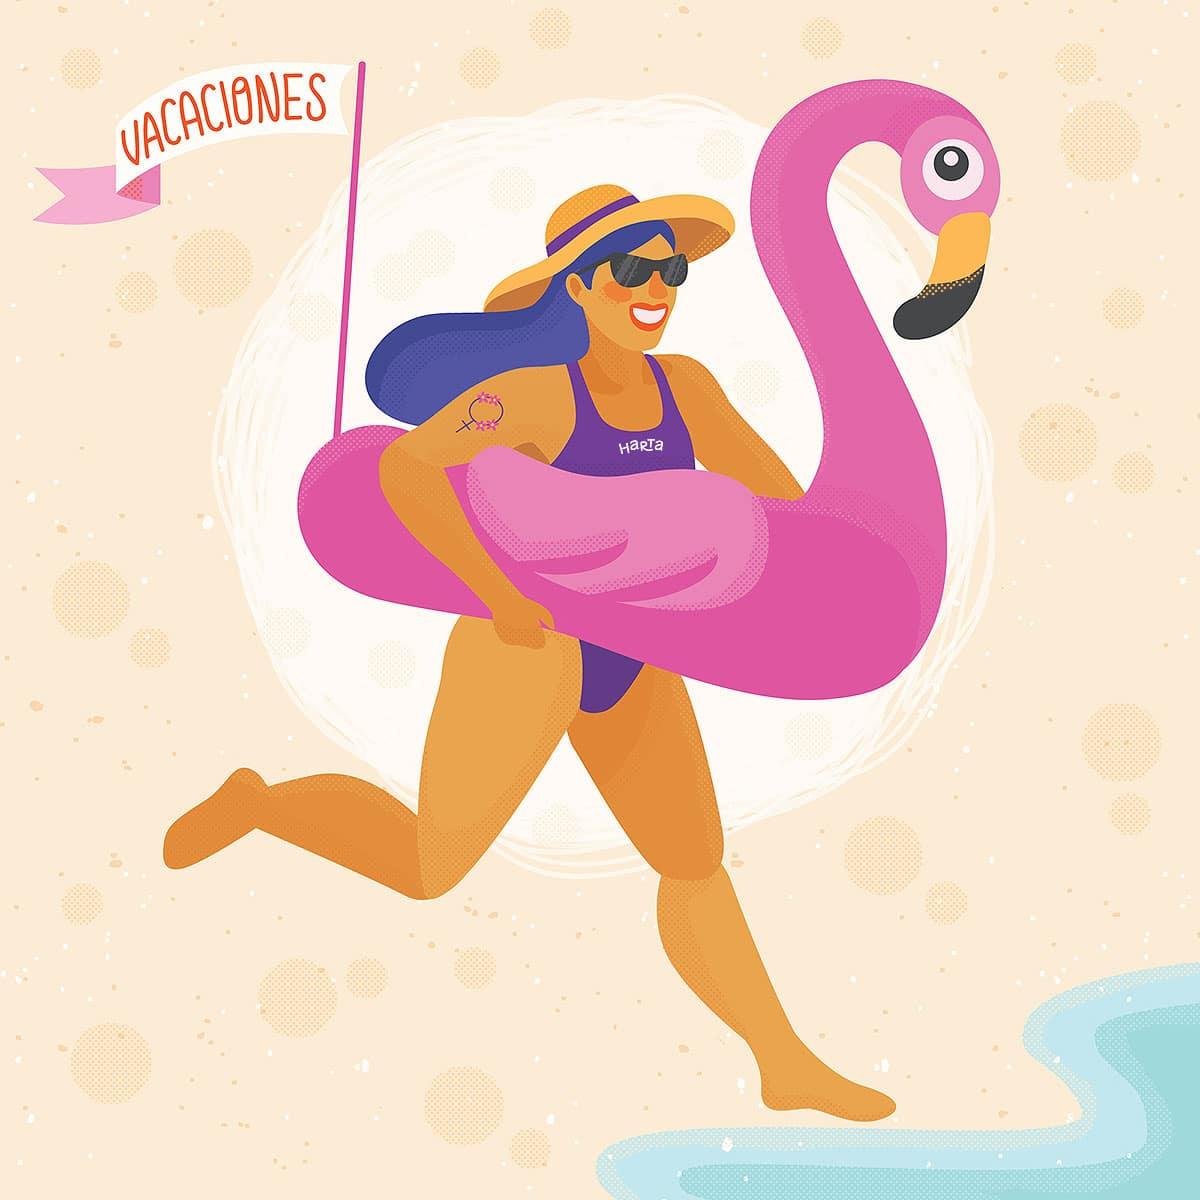 La ilustración es una chica con un flotador gigante con forma de flamenco corriendo al mar, del flotador sale un banderín que dice vacaciones y en la malla está el logo de la revista.